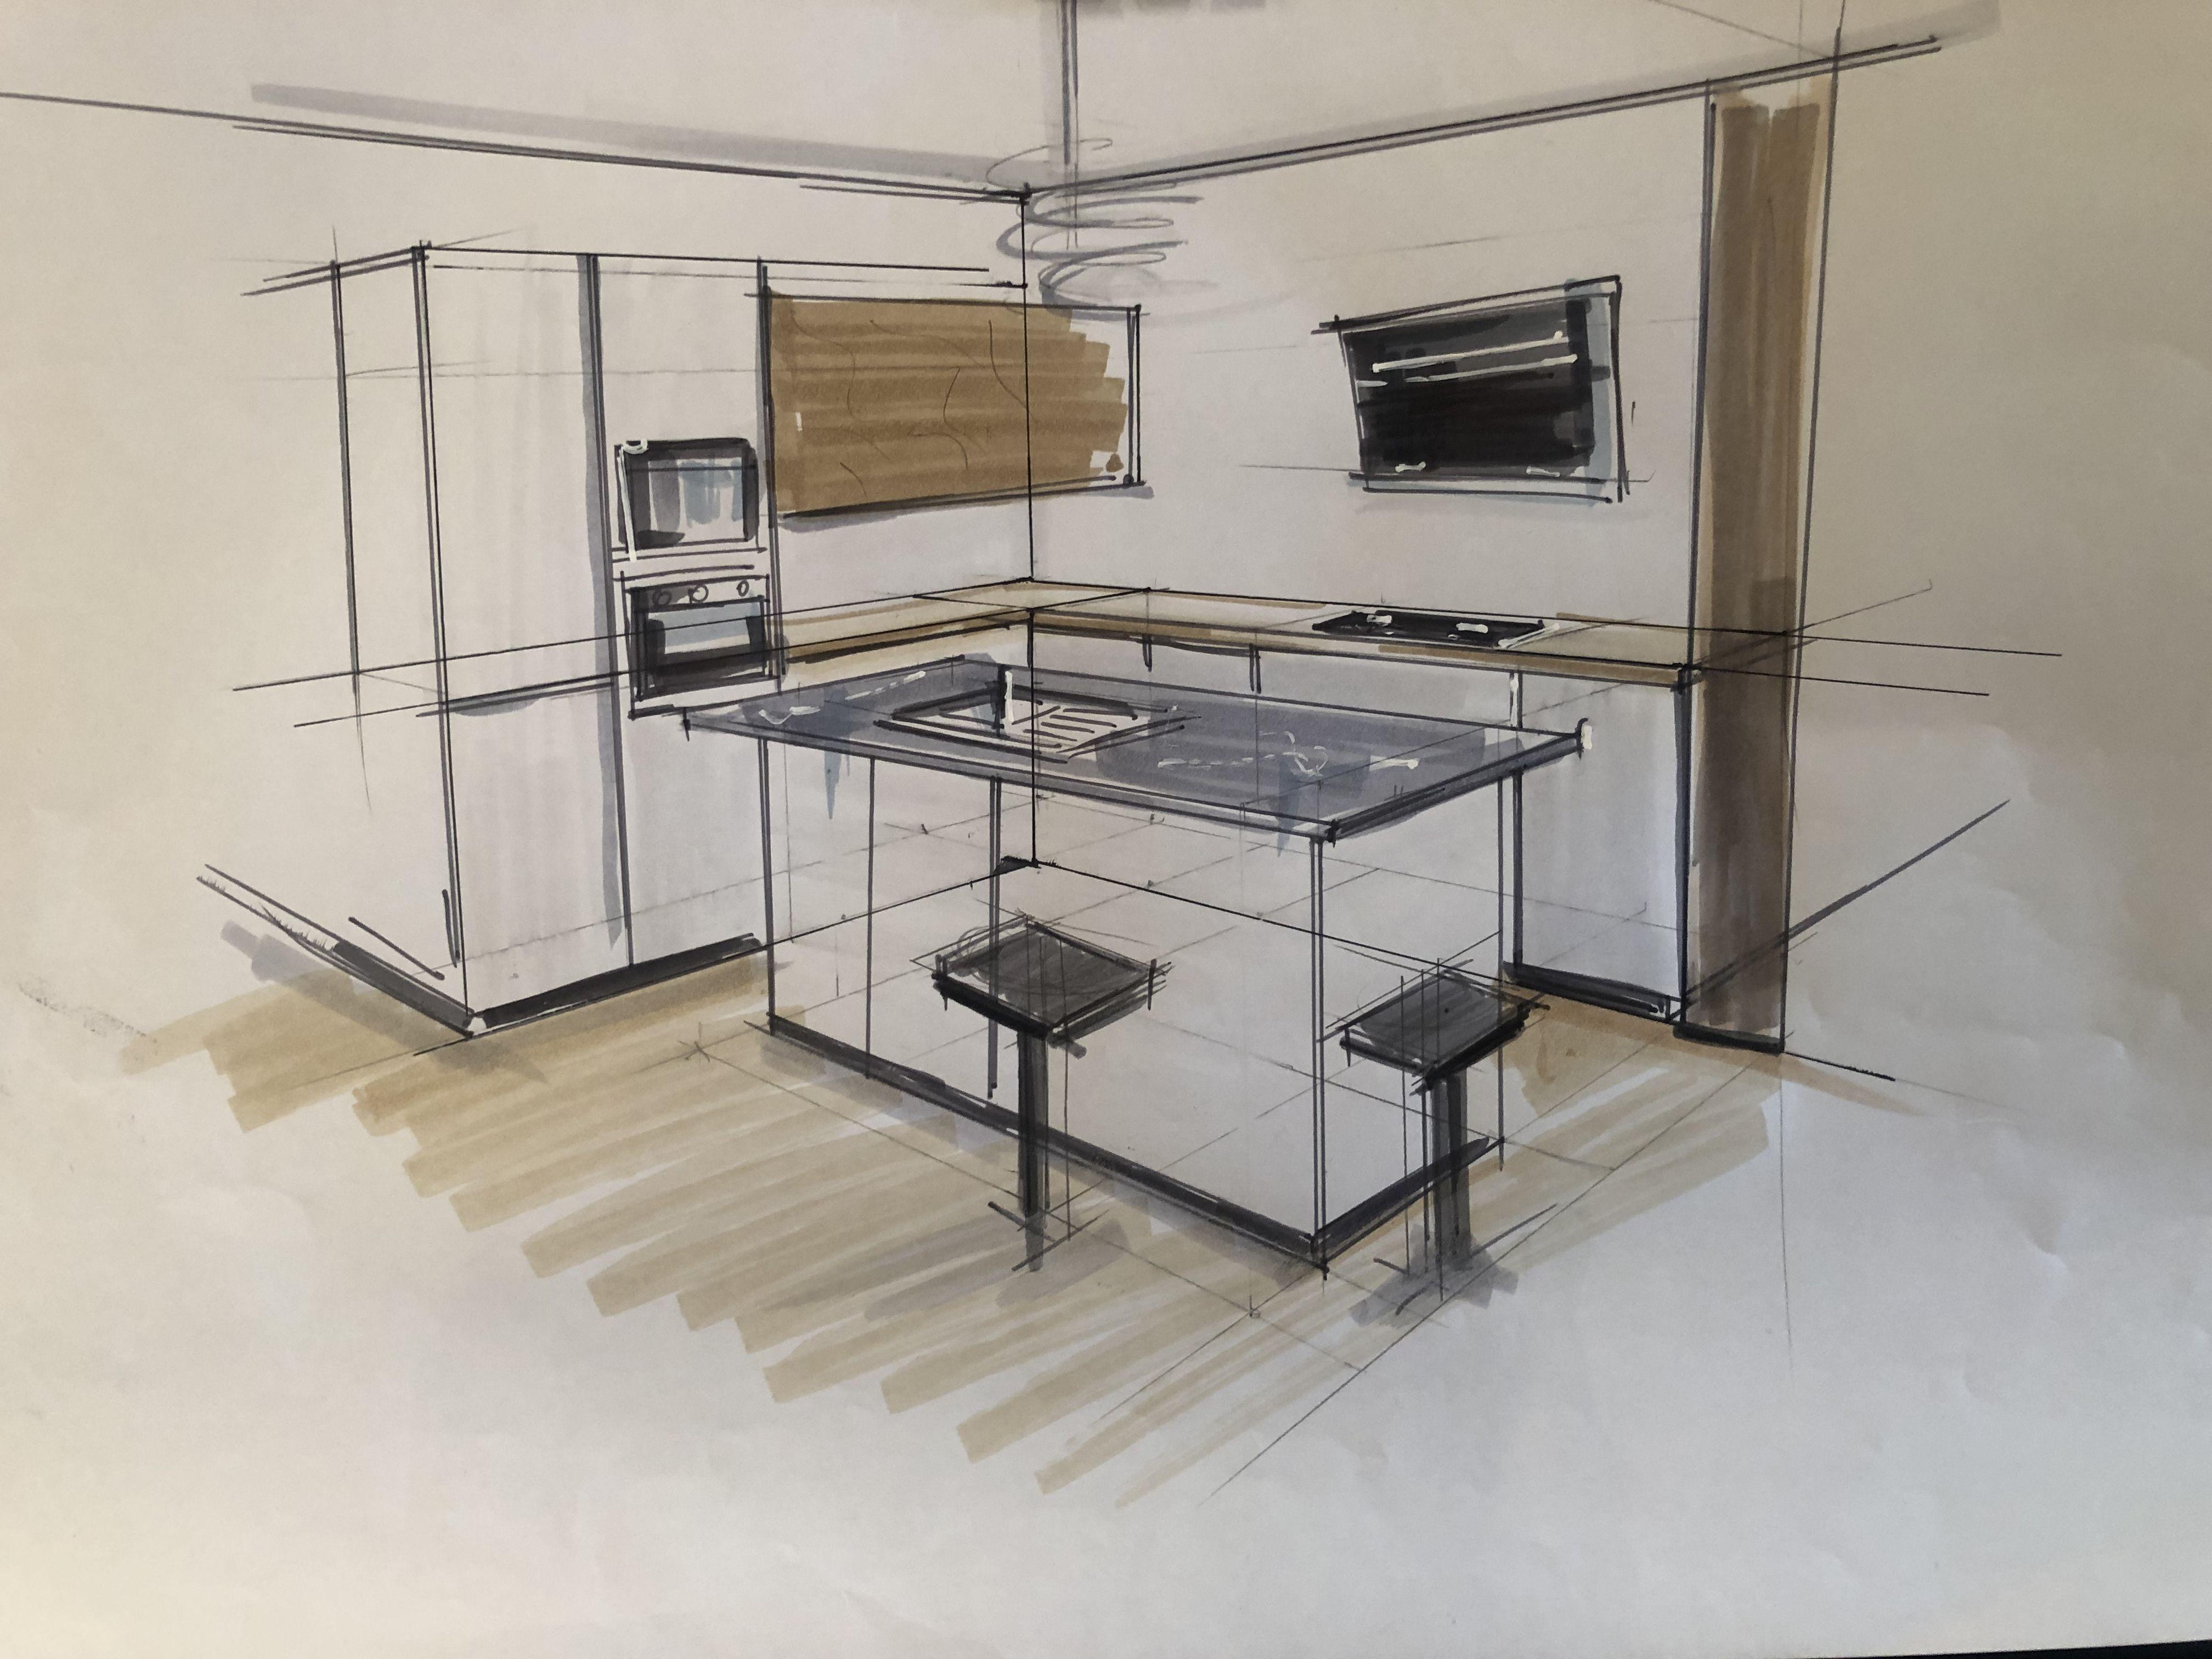 Rough Croquis En Perspective Cuisine Moderne Ilot Central En 2020 Croquis Architecture Dessin Perspective Dessin Architecture